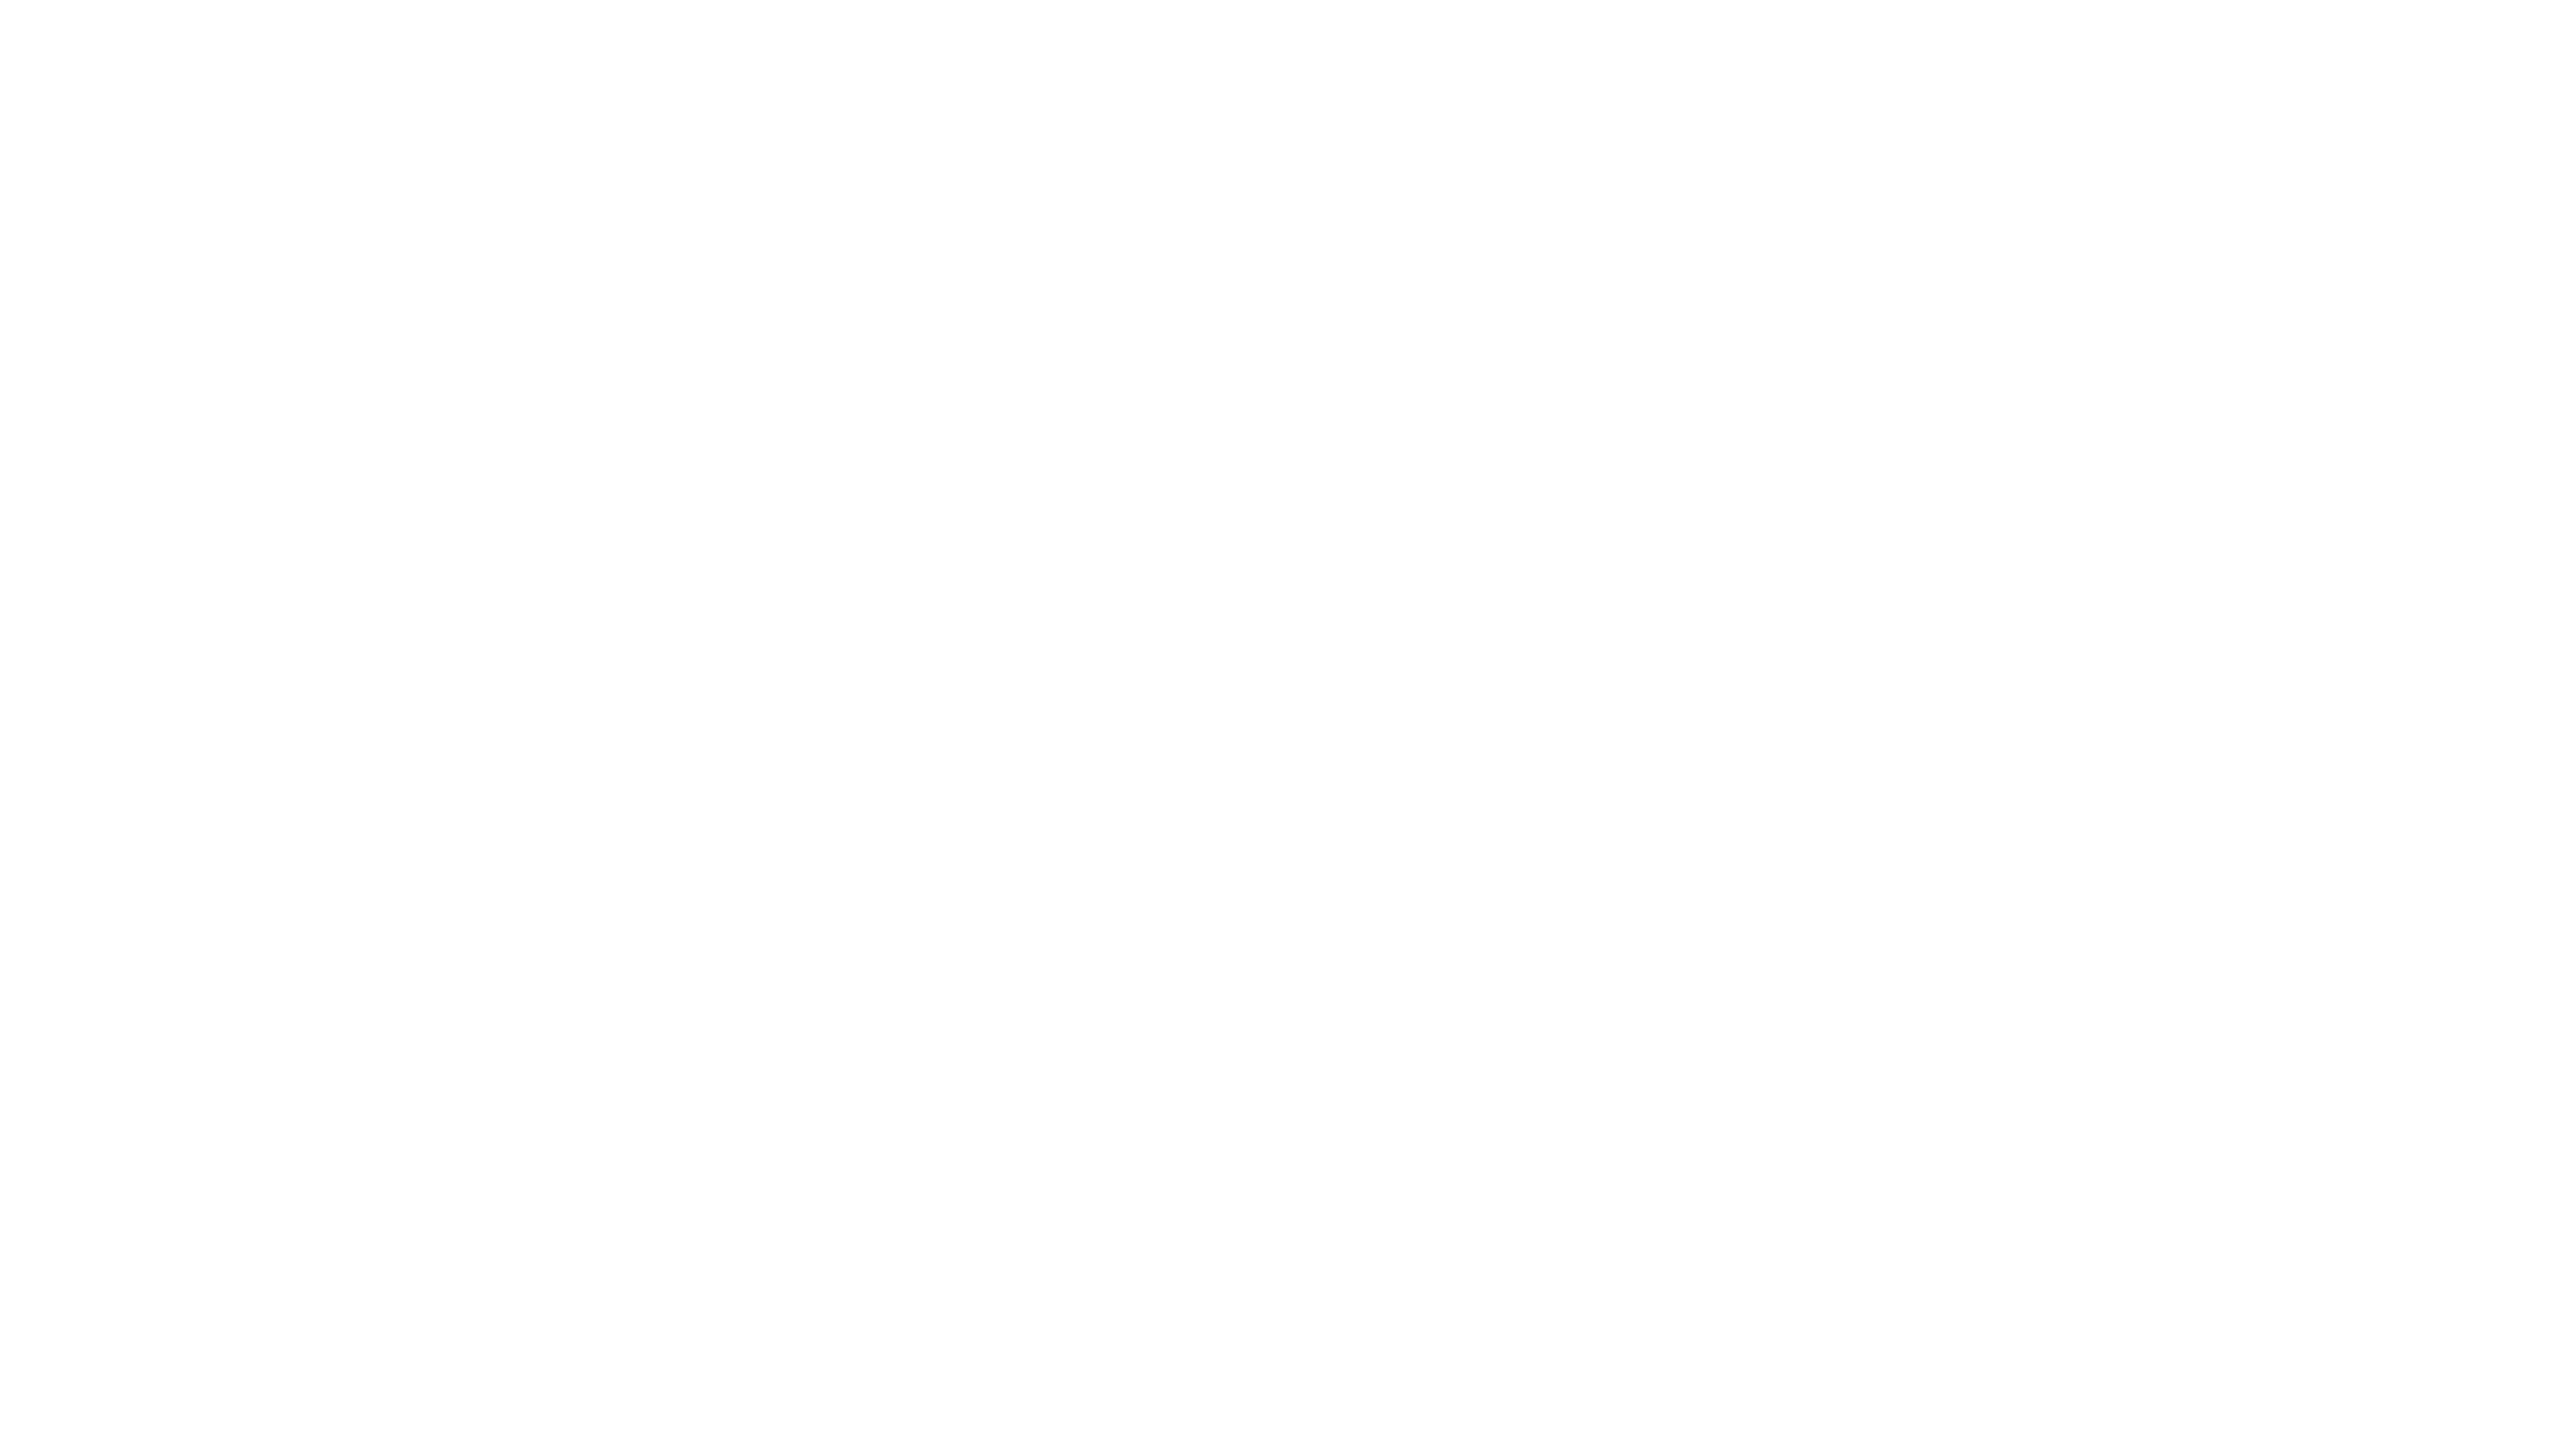 020B38BF-4816-4D2A-A0E0-BC77630E6FDC